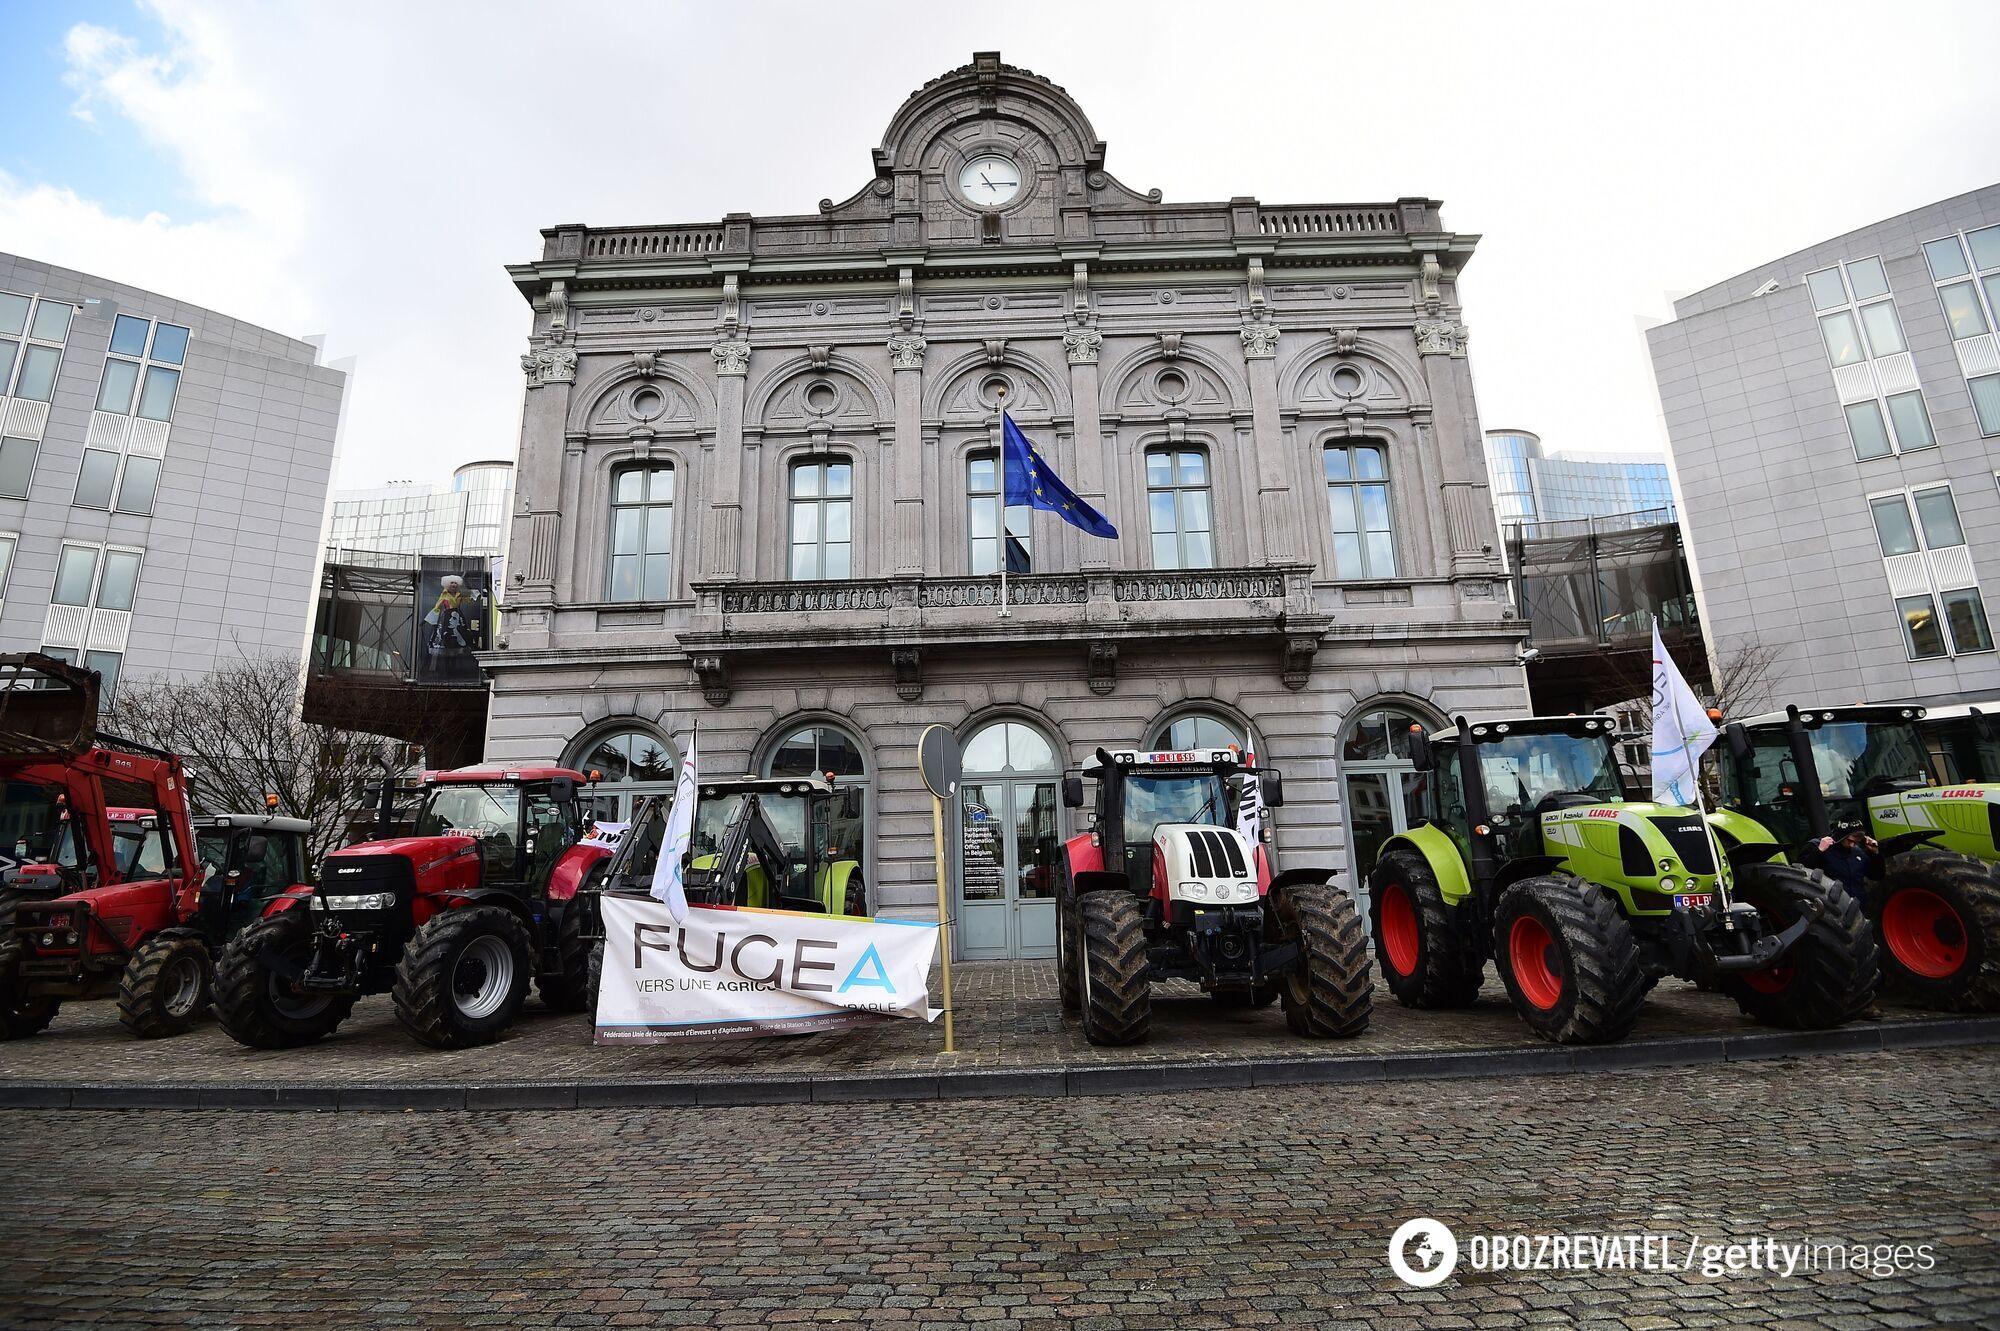 Фермери на тракторах спровокували транспортний колапс у Страсбурзі.